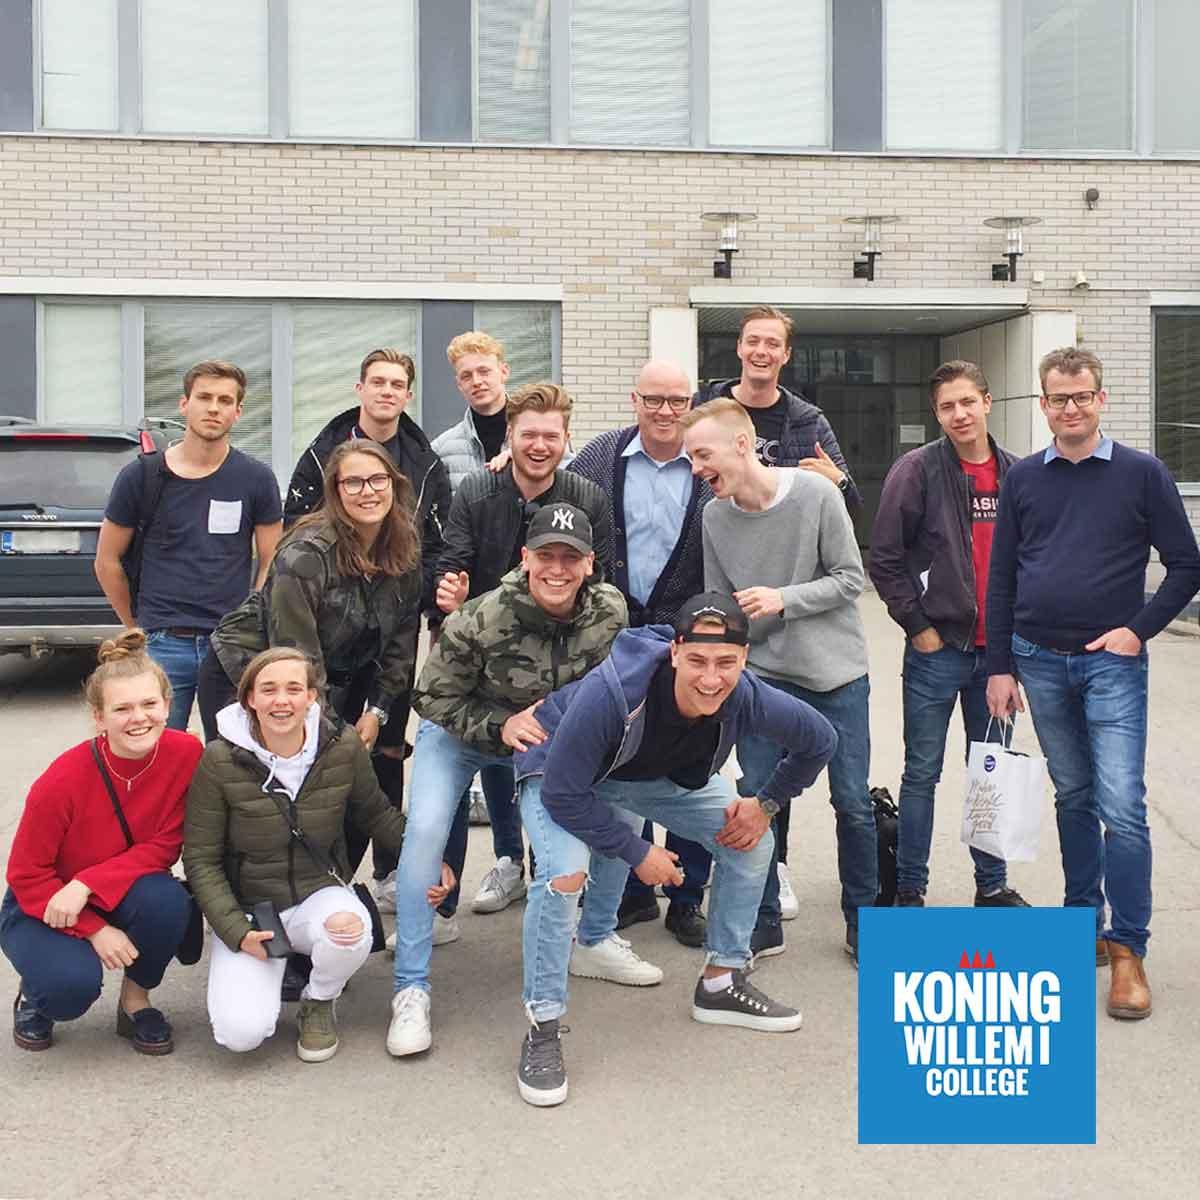 Königwillem1collegelaiset Perho Liiketalousopistossa